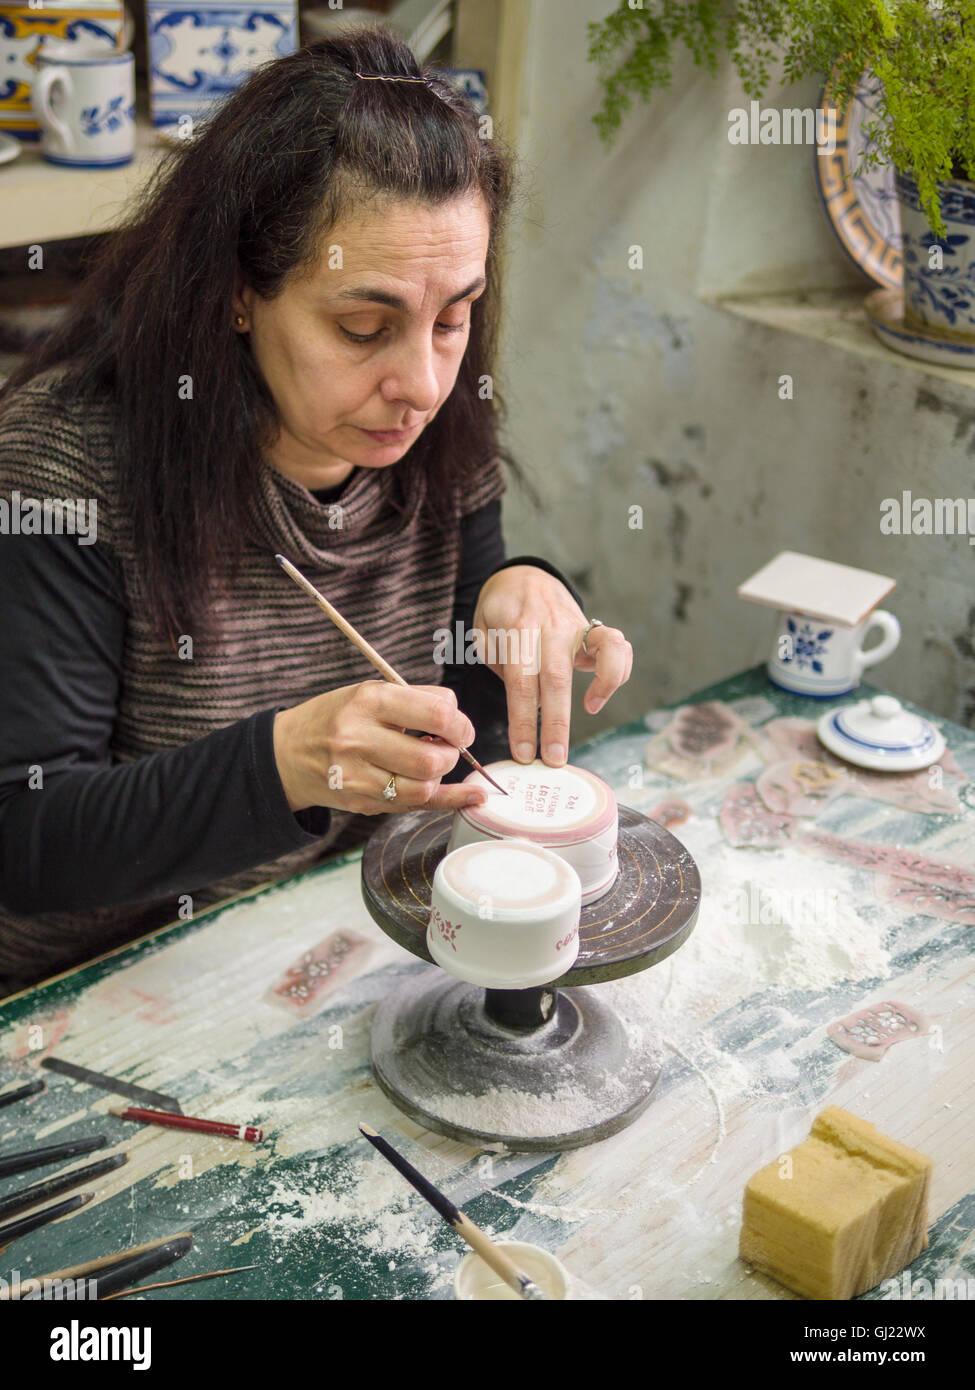 Eine abschließende Unterschrift auf einer Keramik-Tasse. Eine Arbeitnehmerin malt eine Unterschrift auf einem Stockbild